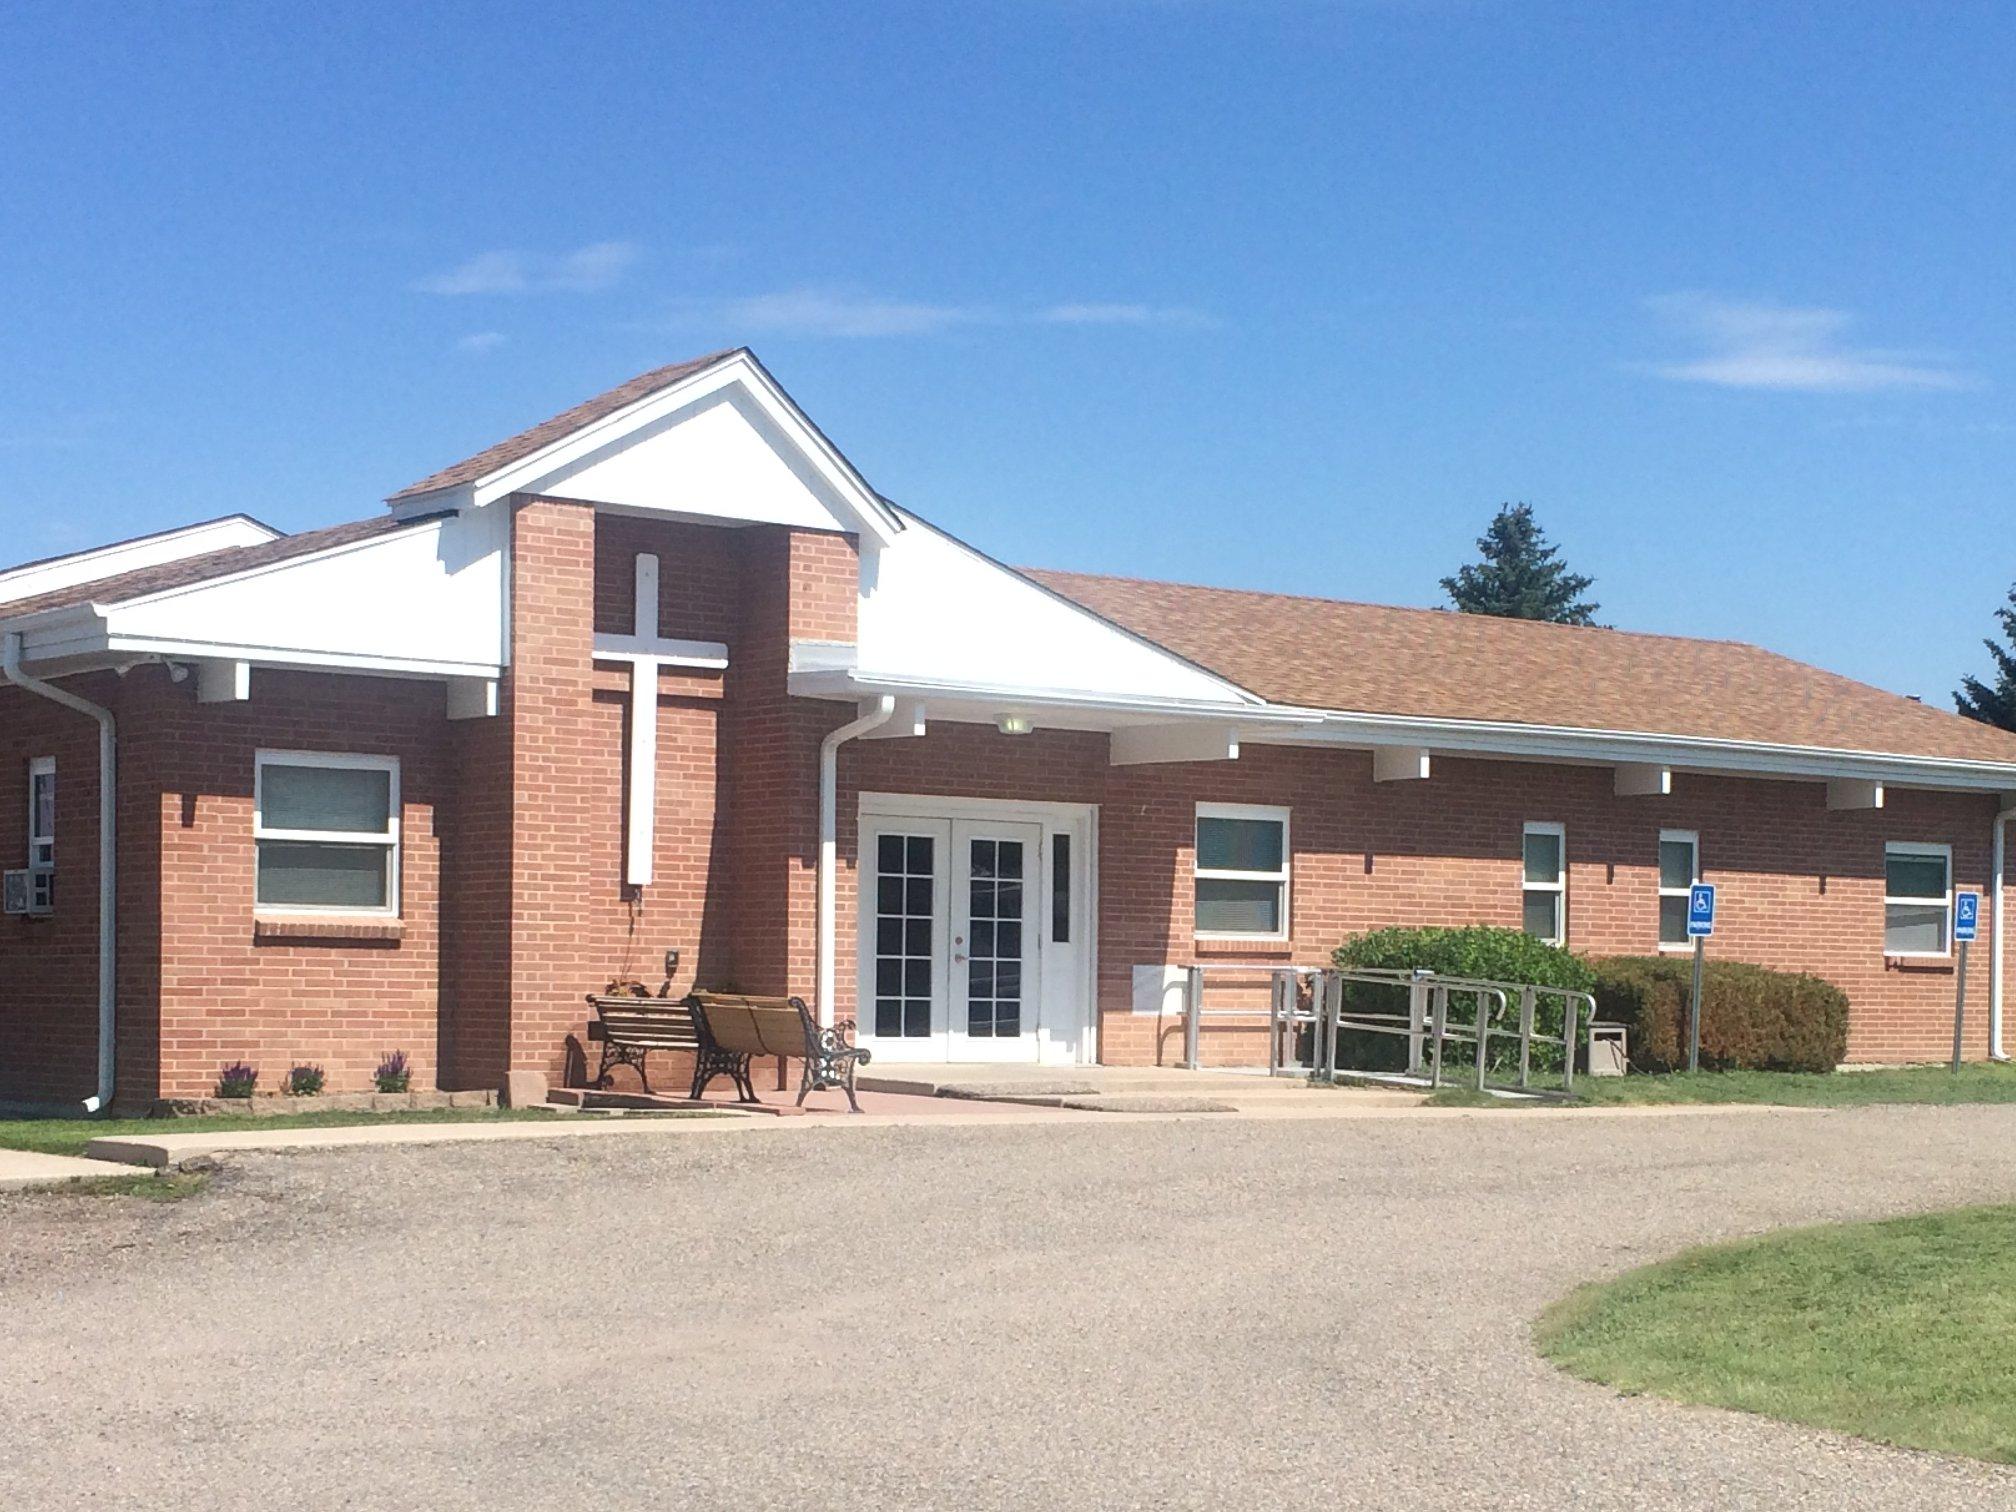 Home of Faith Baptist Church (August 6, 1967 - November 6, 2016)